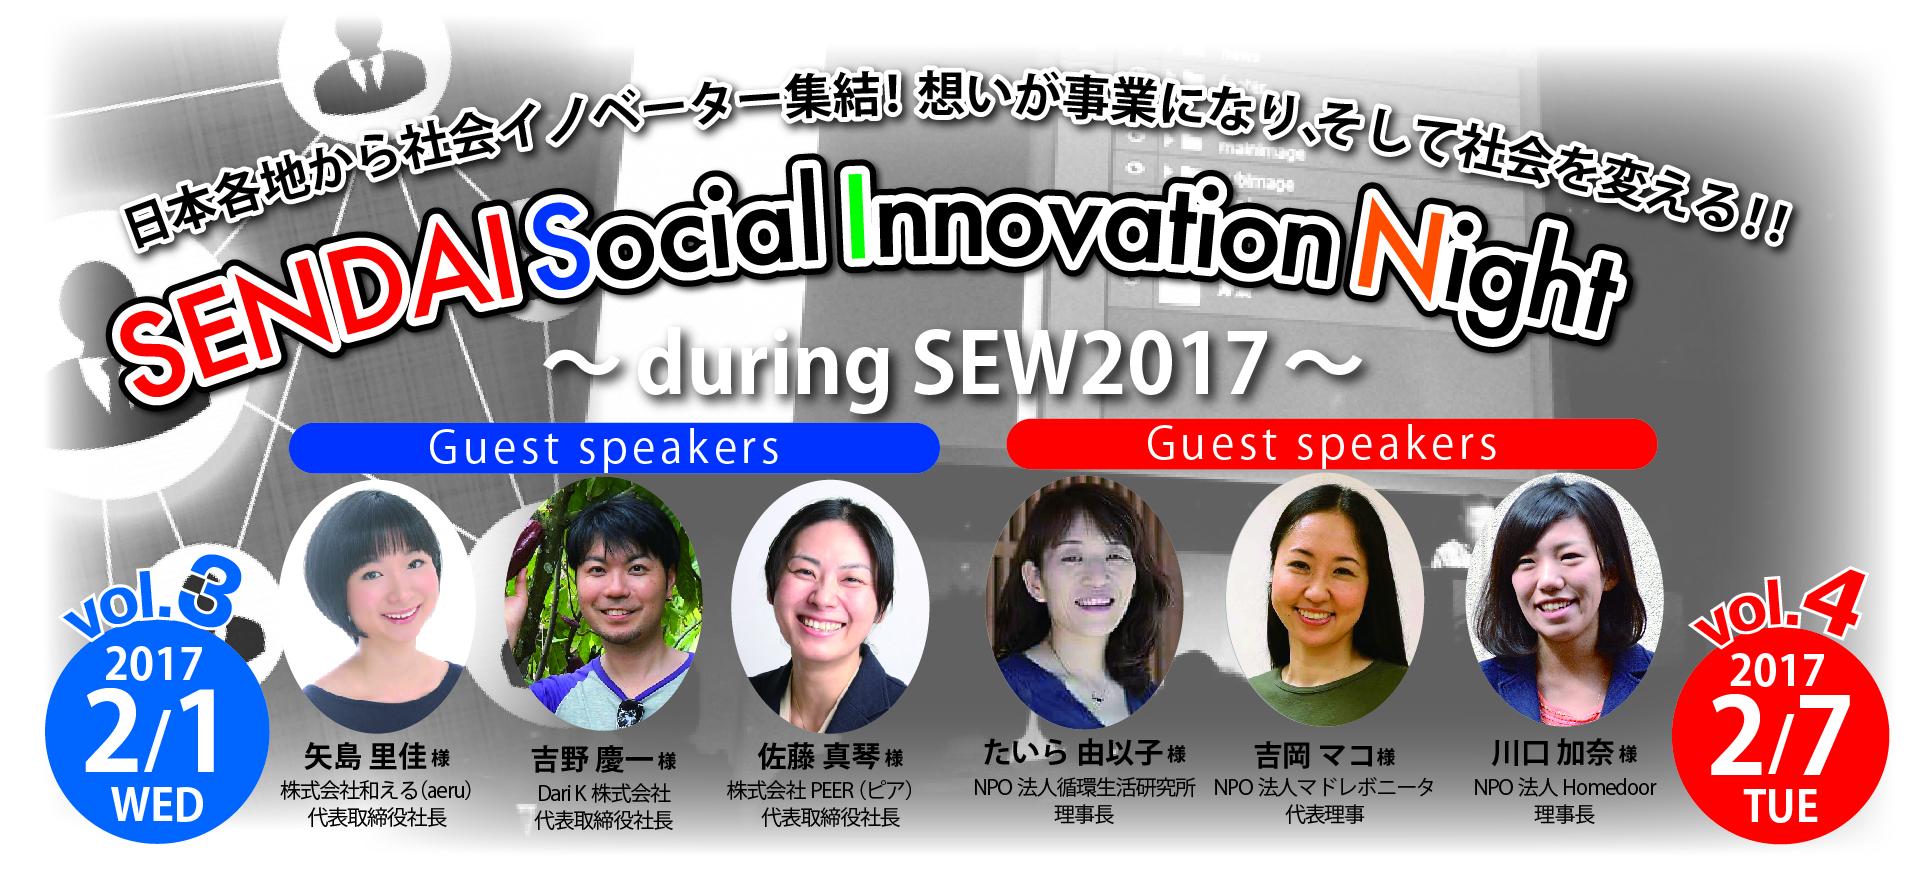 SENDAI Social Innovation Night Vol.3 during SEW2017